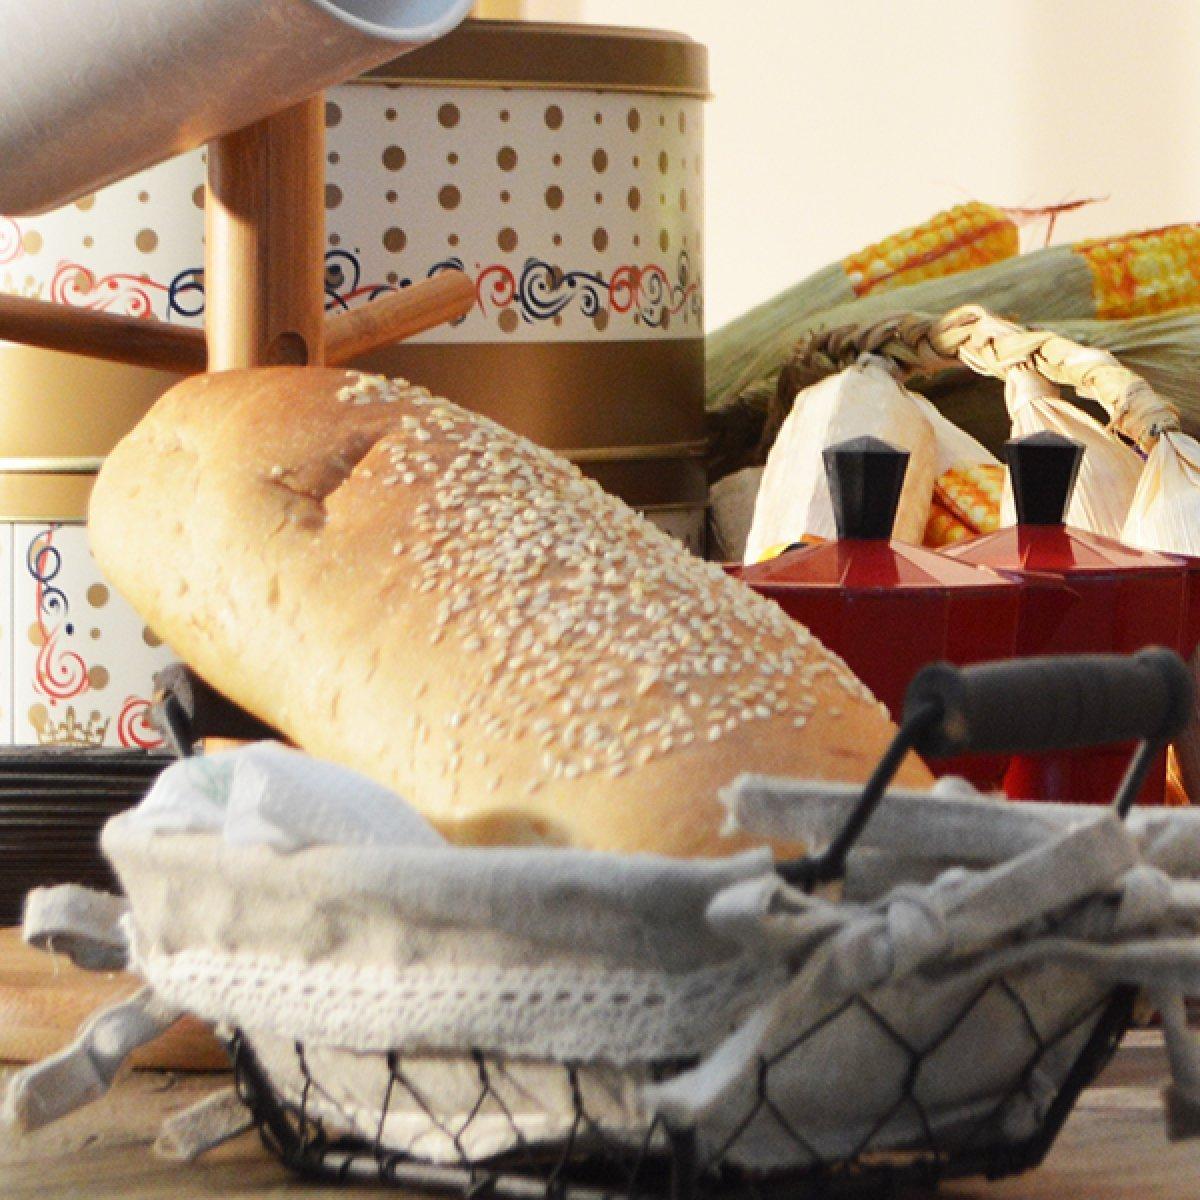 Αποθήκευση τροφίμων   Mymegamarket.gr